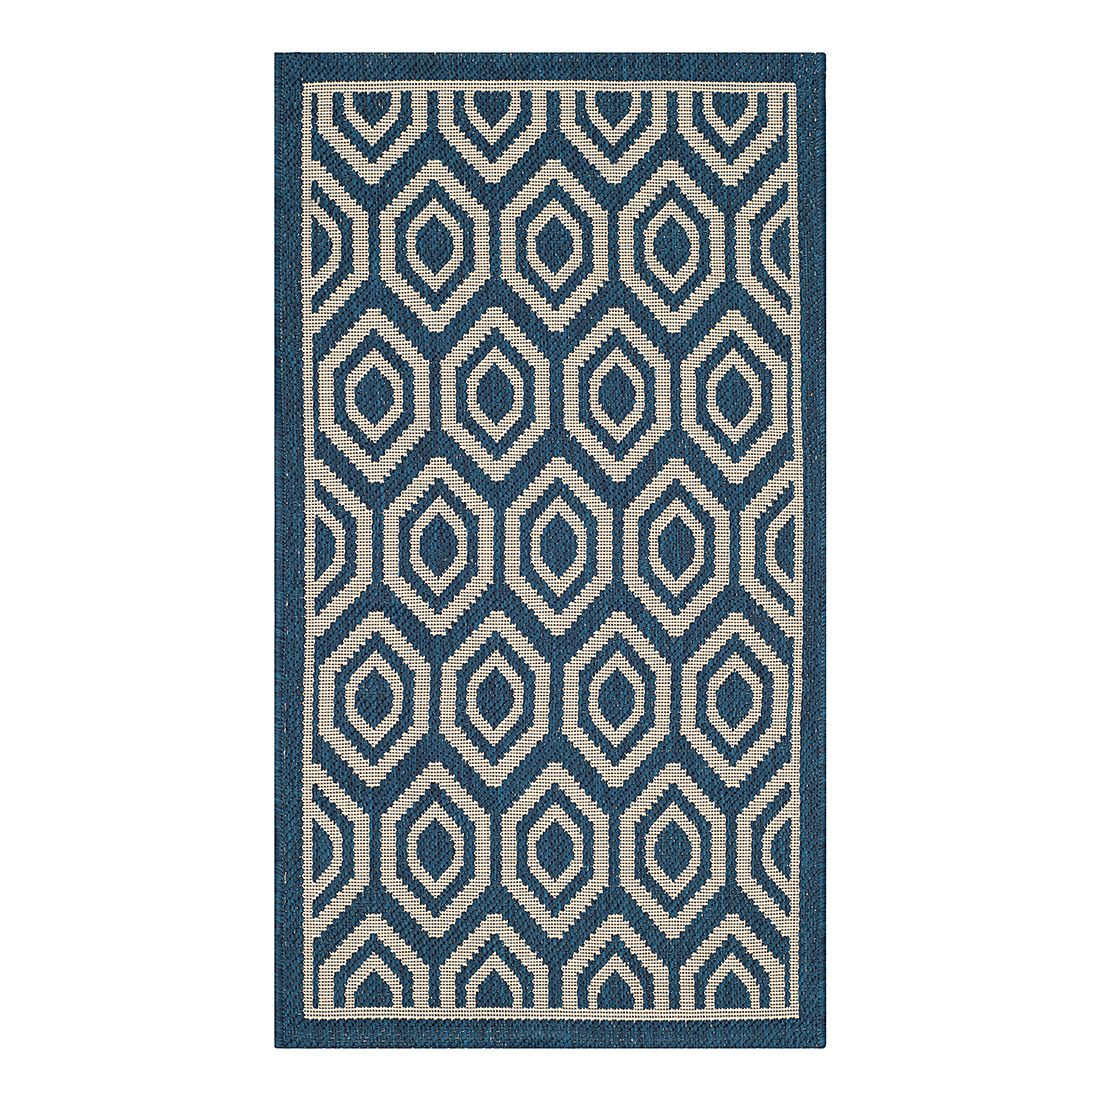 In-/Outdoorteppich Felix – Marine/Beige – Maße: 60 x 109 cm, Safavieh online bestellen